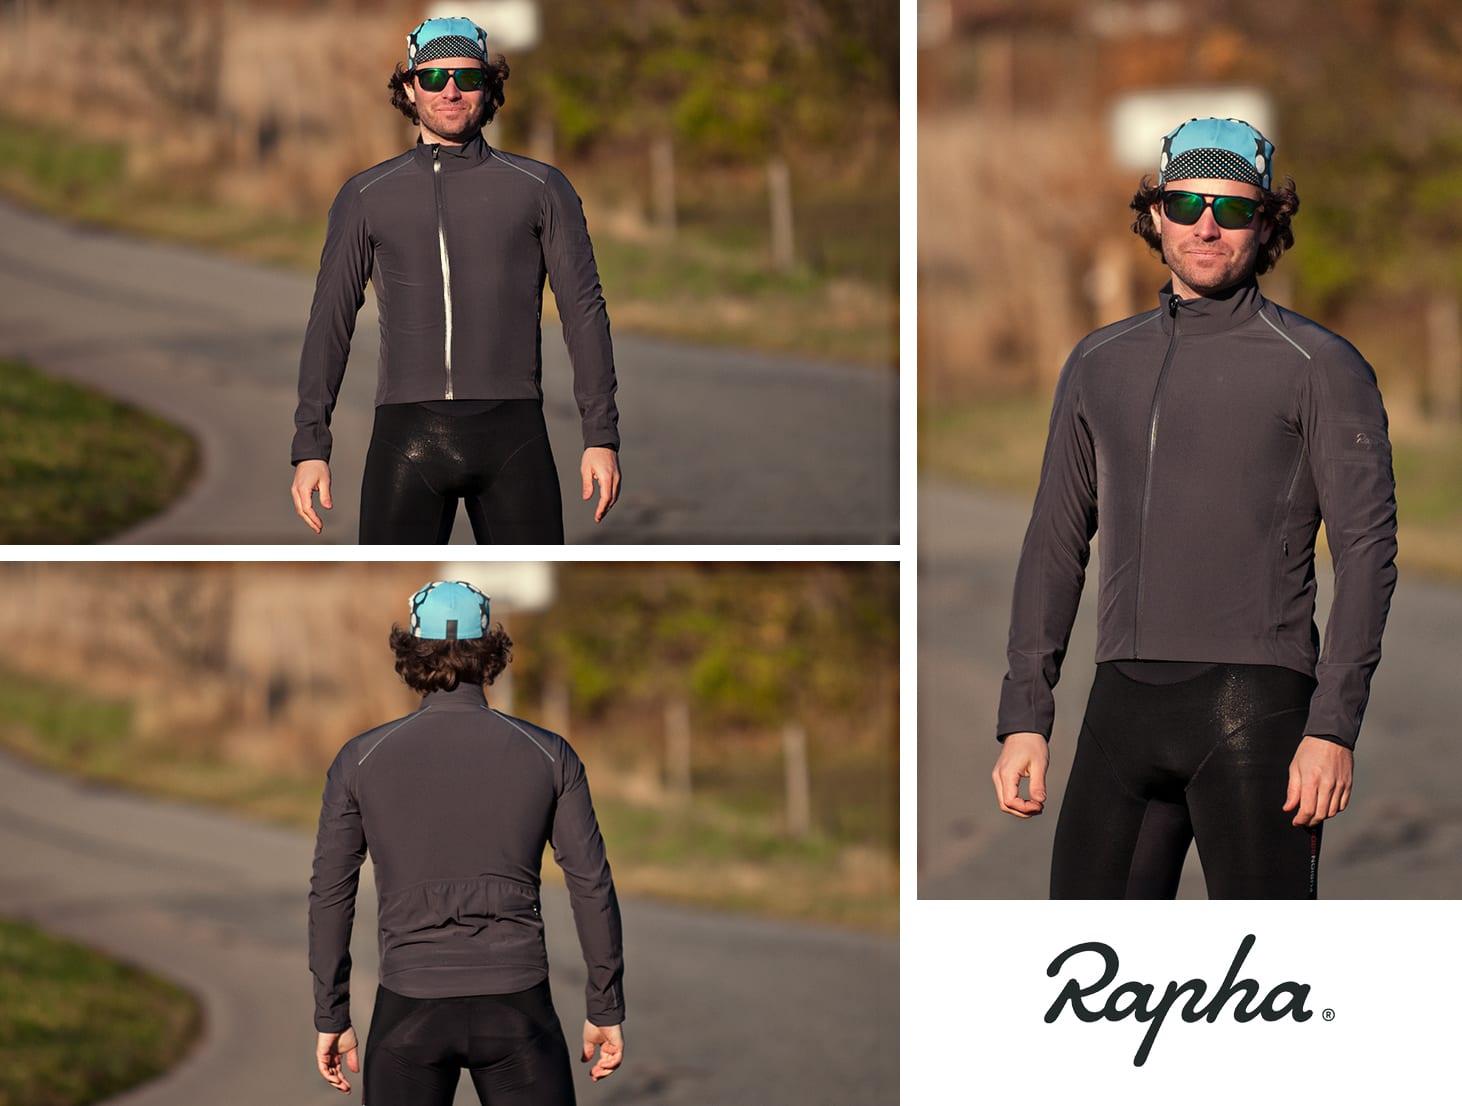 Rapha Jacket Test AltomCykling.dk